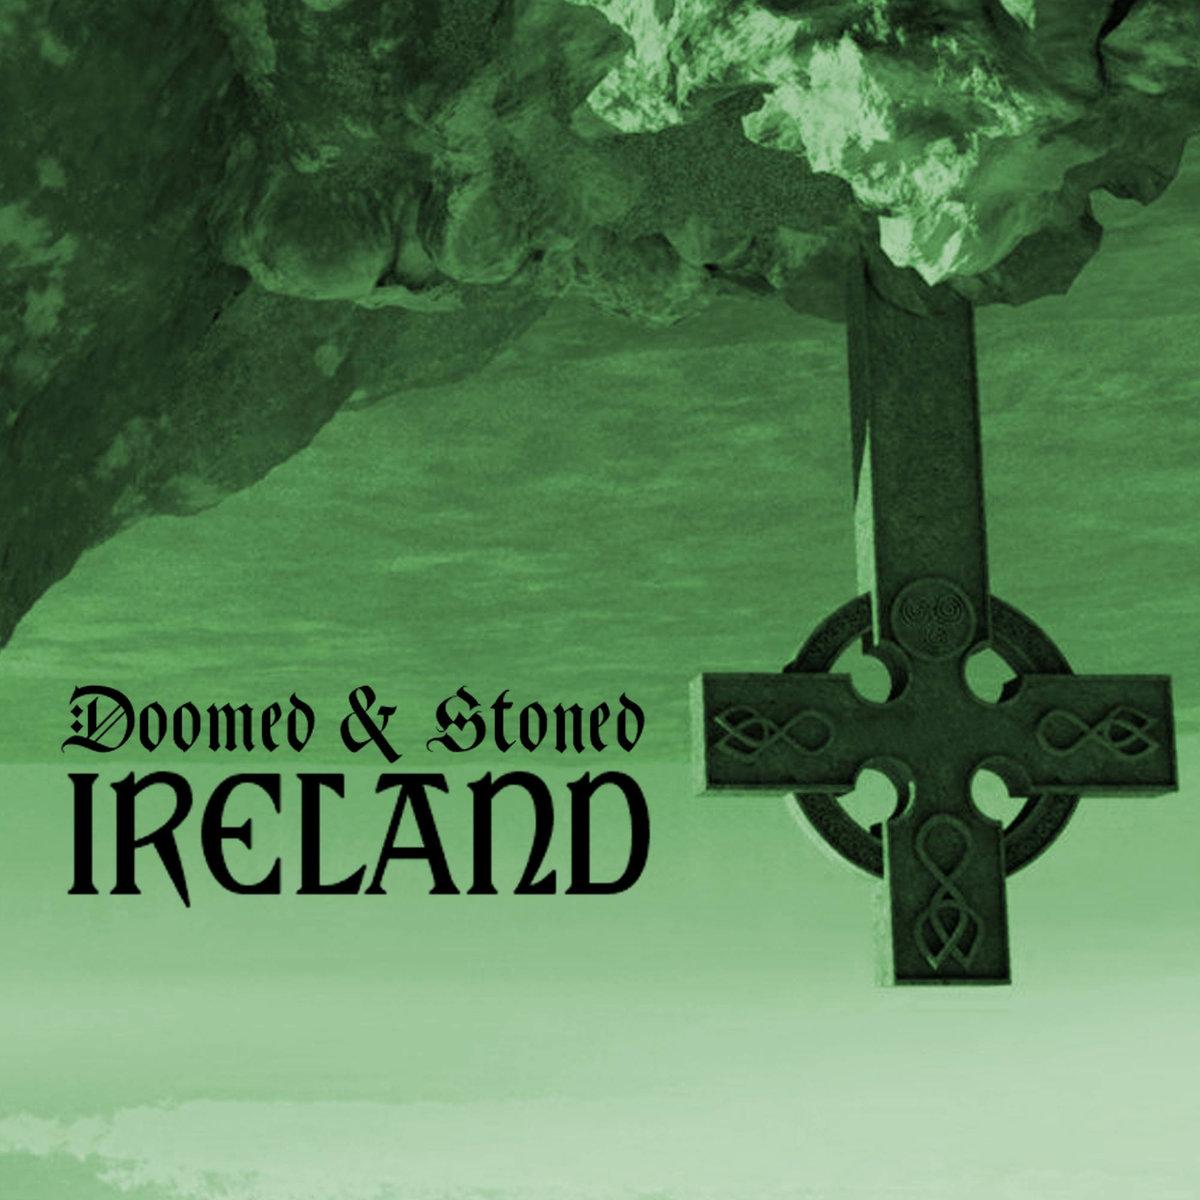 Vyšla kompilace Doomed and Stoned in Ireland, streamujte nebo stahujte zdarma